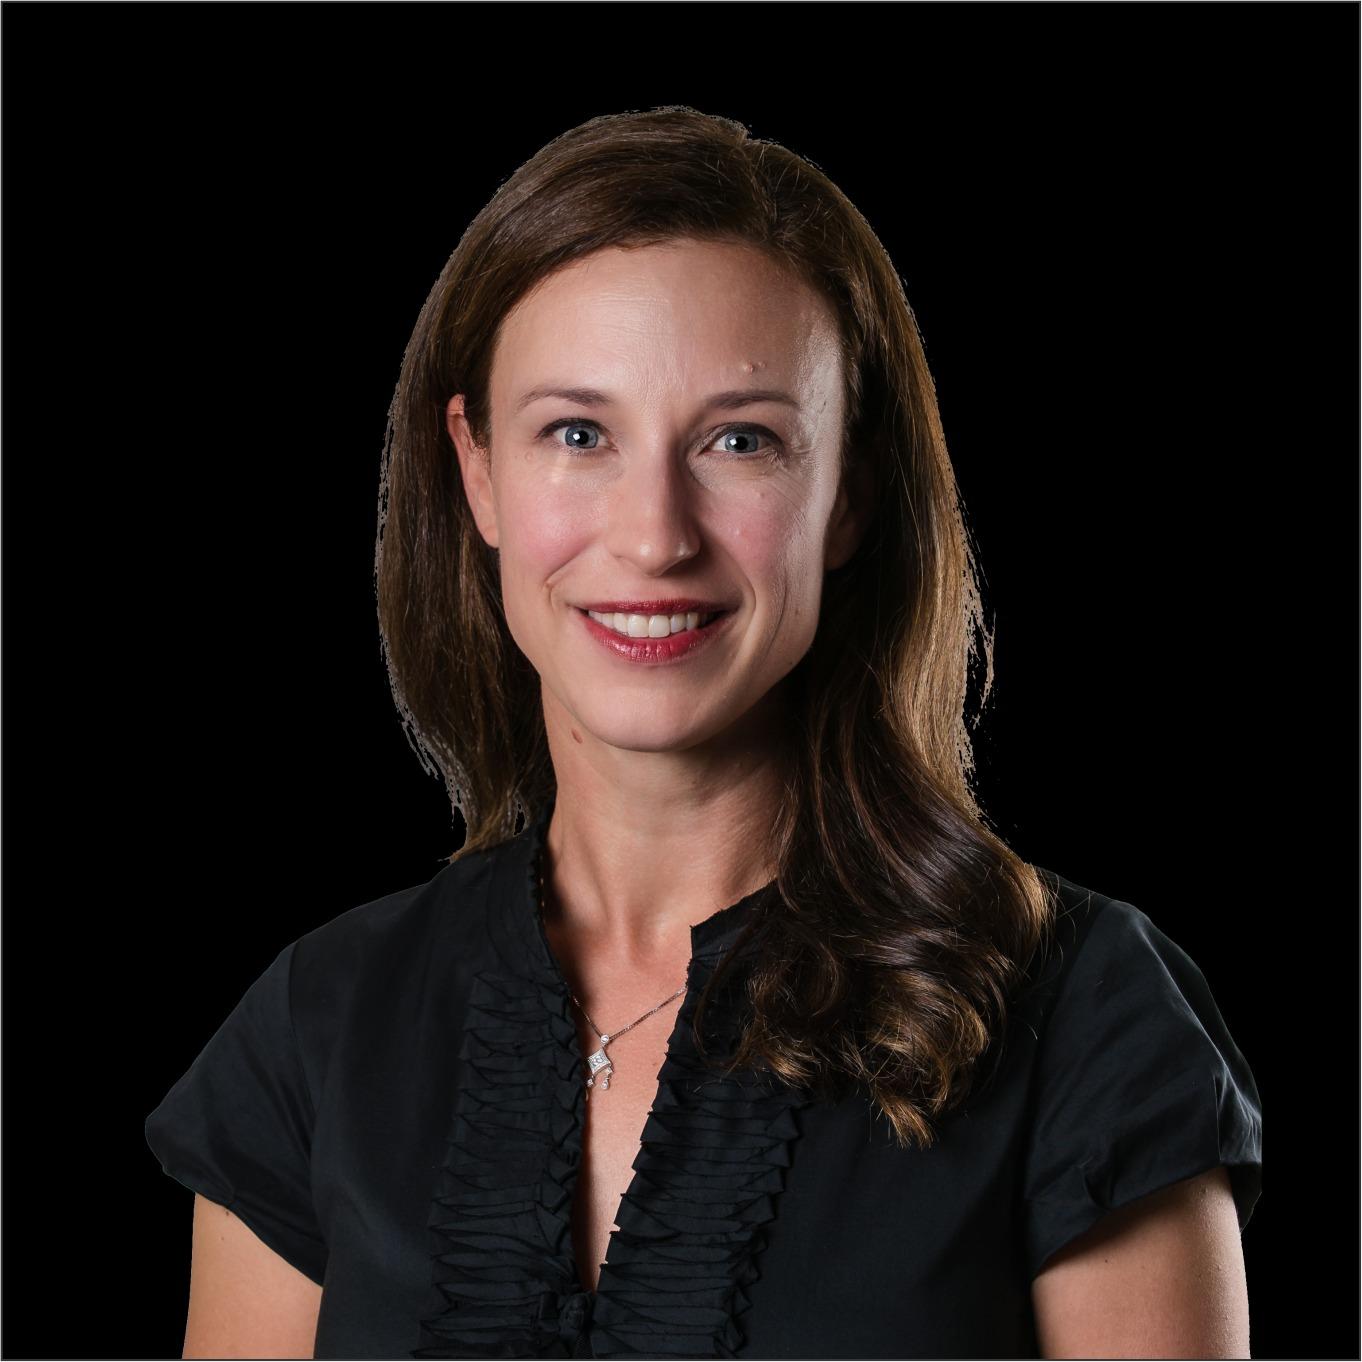 Nicole Petrina